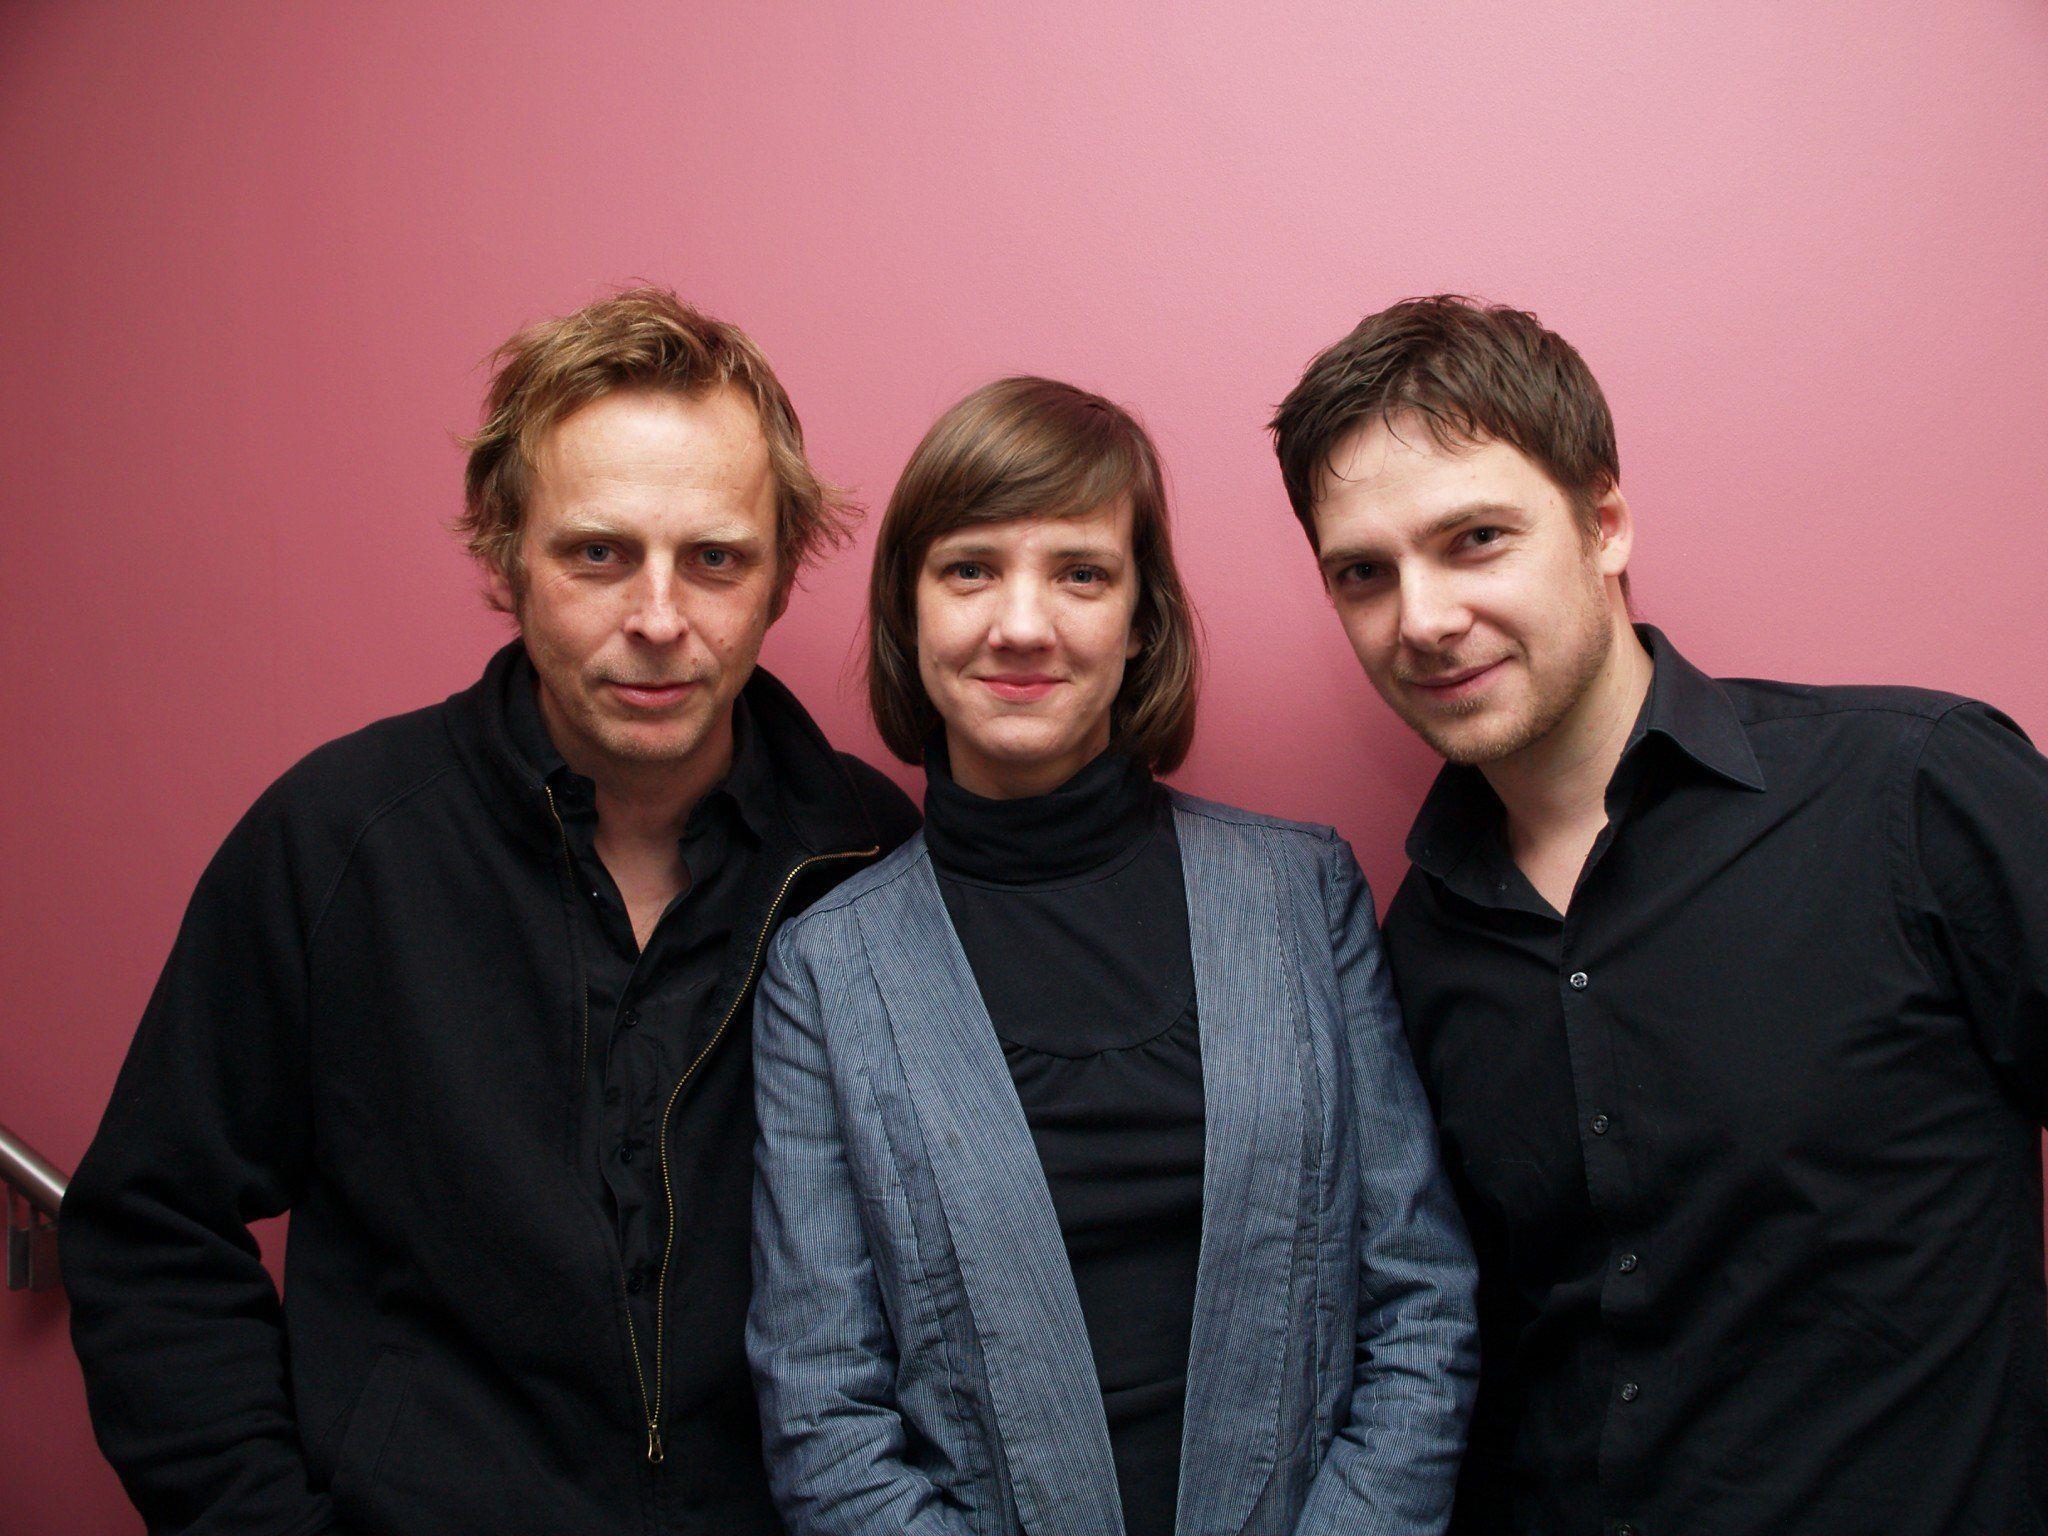 Regisseur Florian Flicker, Doris Scheidtinger und Schauspieler Stefan Pohl